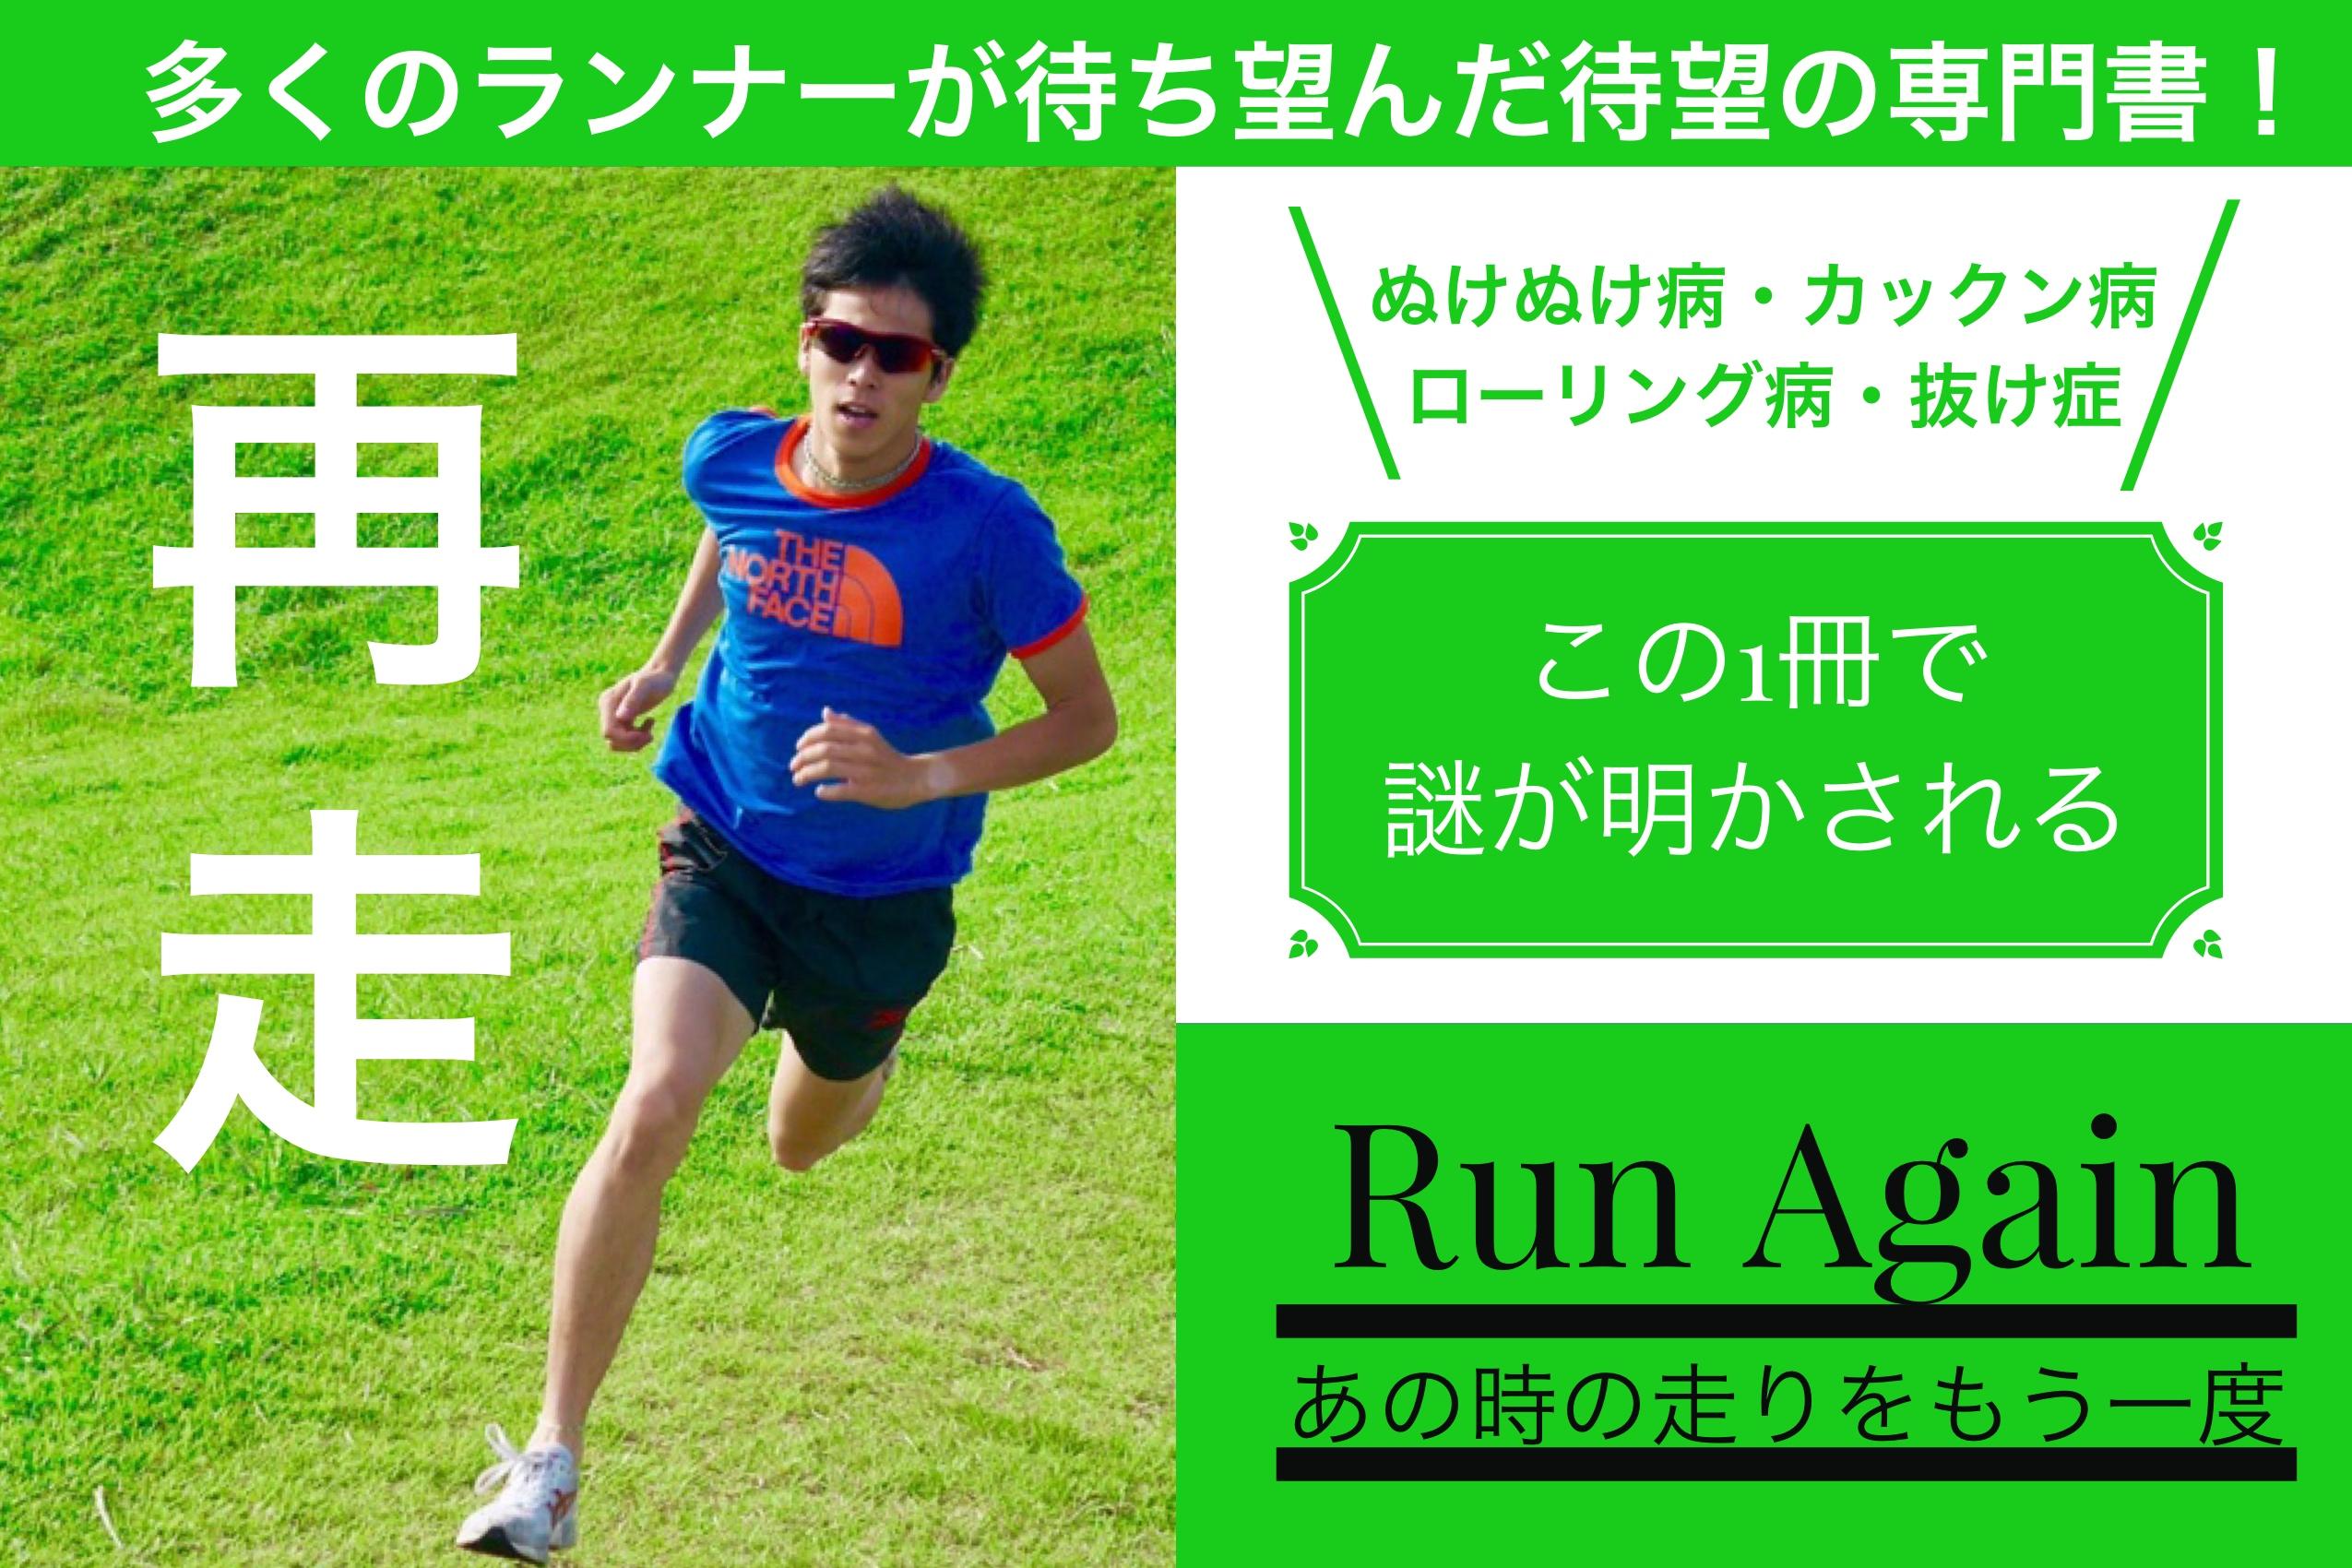 ぬけぬけ病宣伝ページ